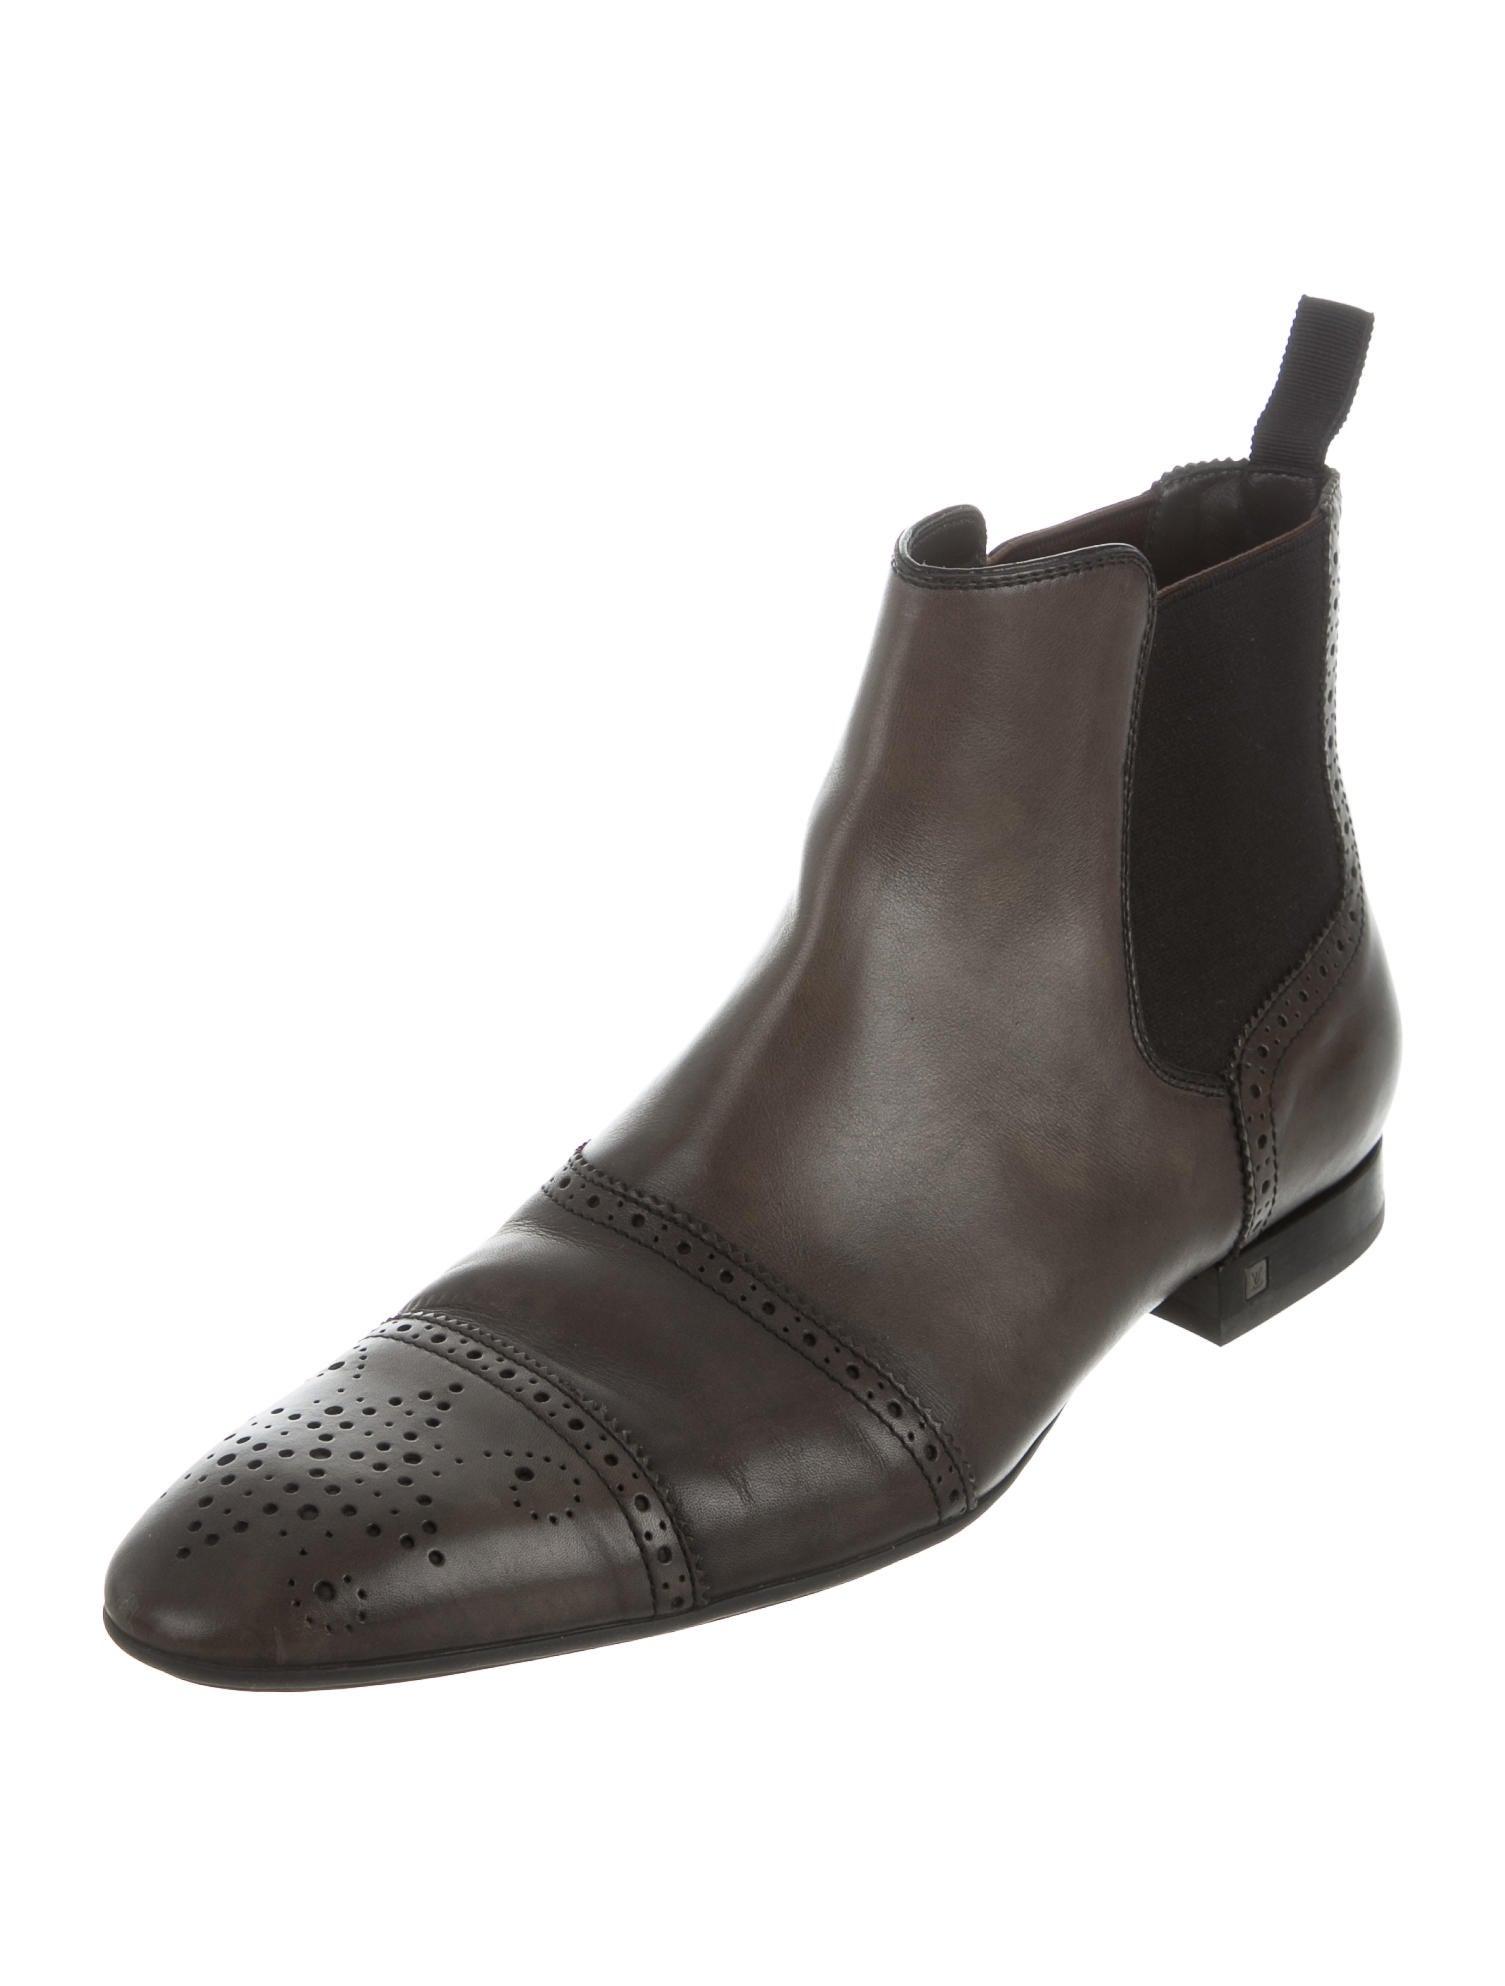 louis vuitton leather chelsea boots shoes lou113593